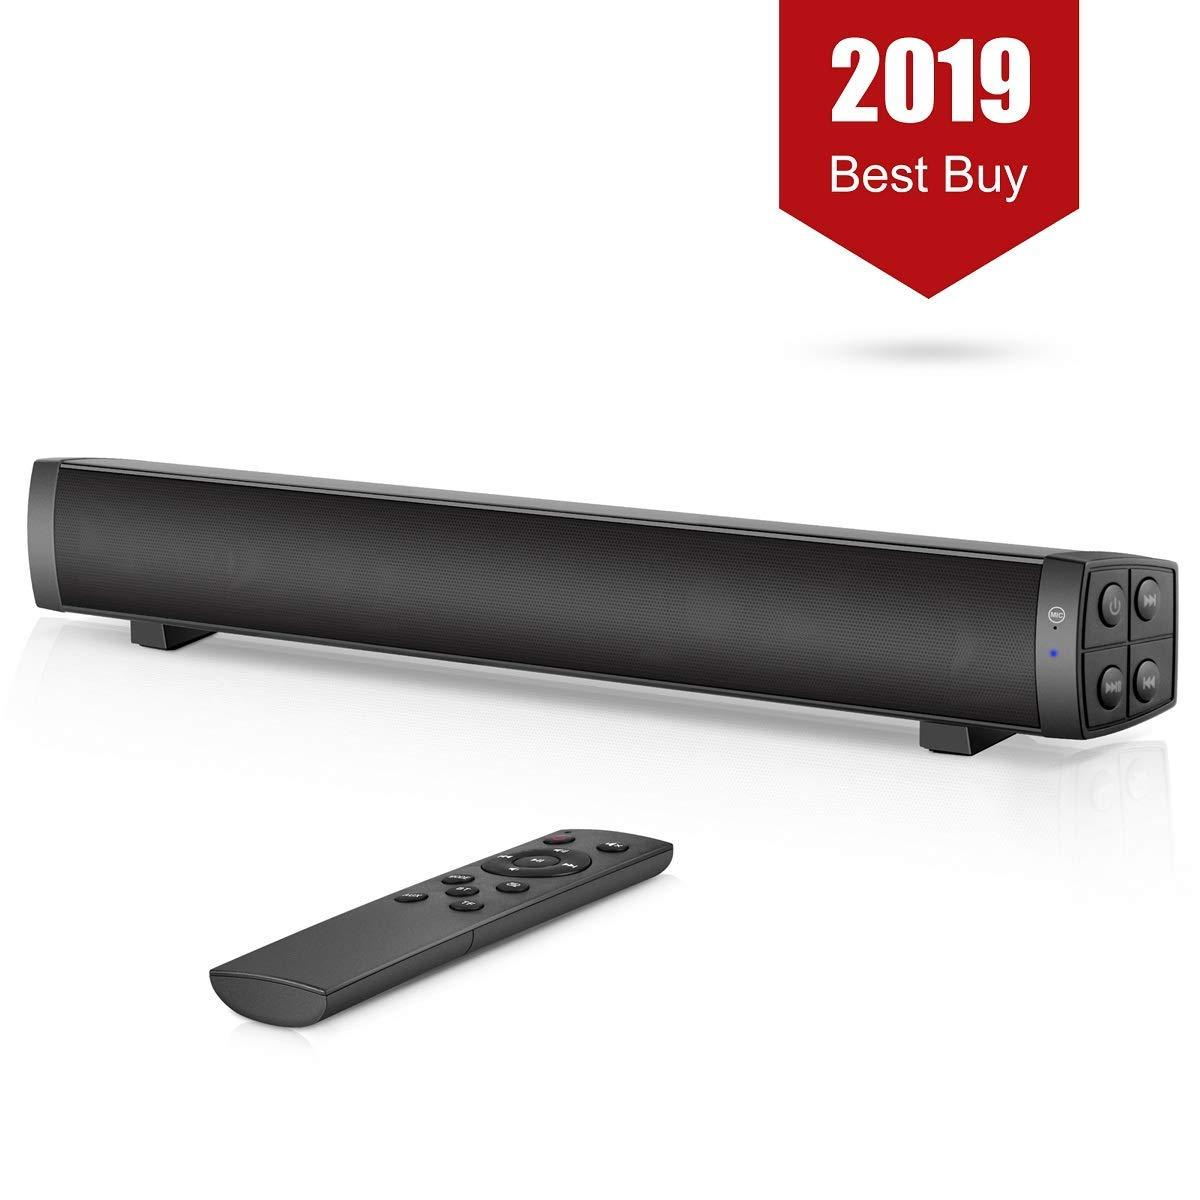 10W Bluetooth sans fil barre de son haut-parleurs stéréo 2.0 canaux TV Home cinéma barre de son Surround système de son AUX TF